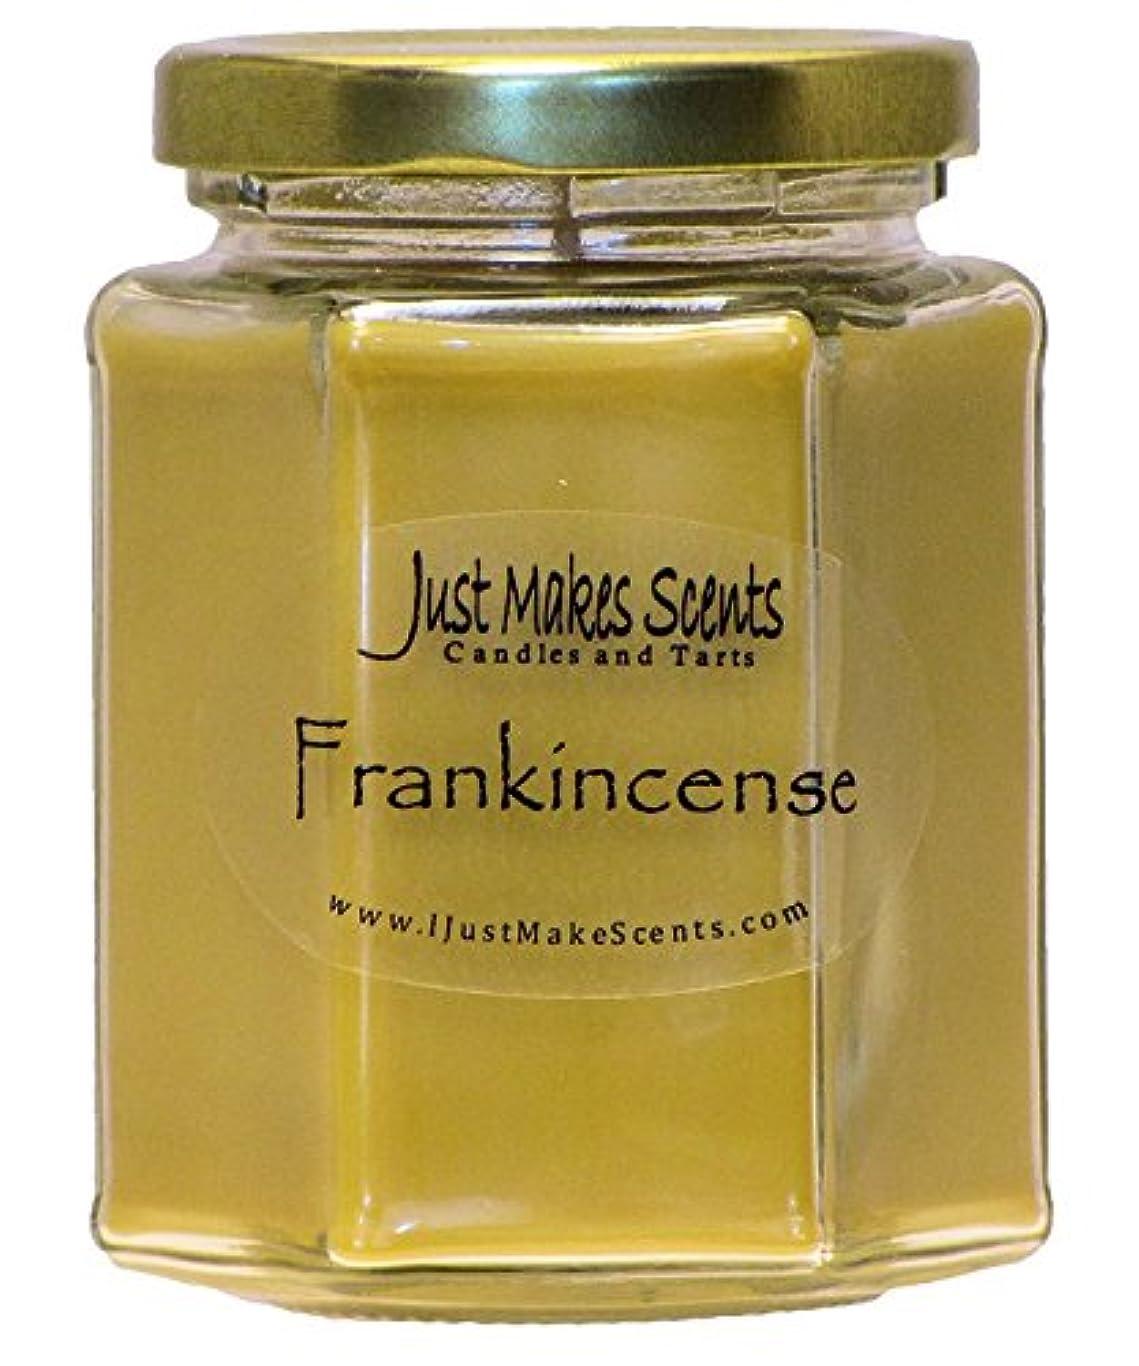 刺しますブロッサムメッシュFrankincense香りつきBlended Soy Candle by Just Makes Scents